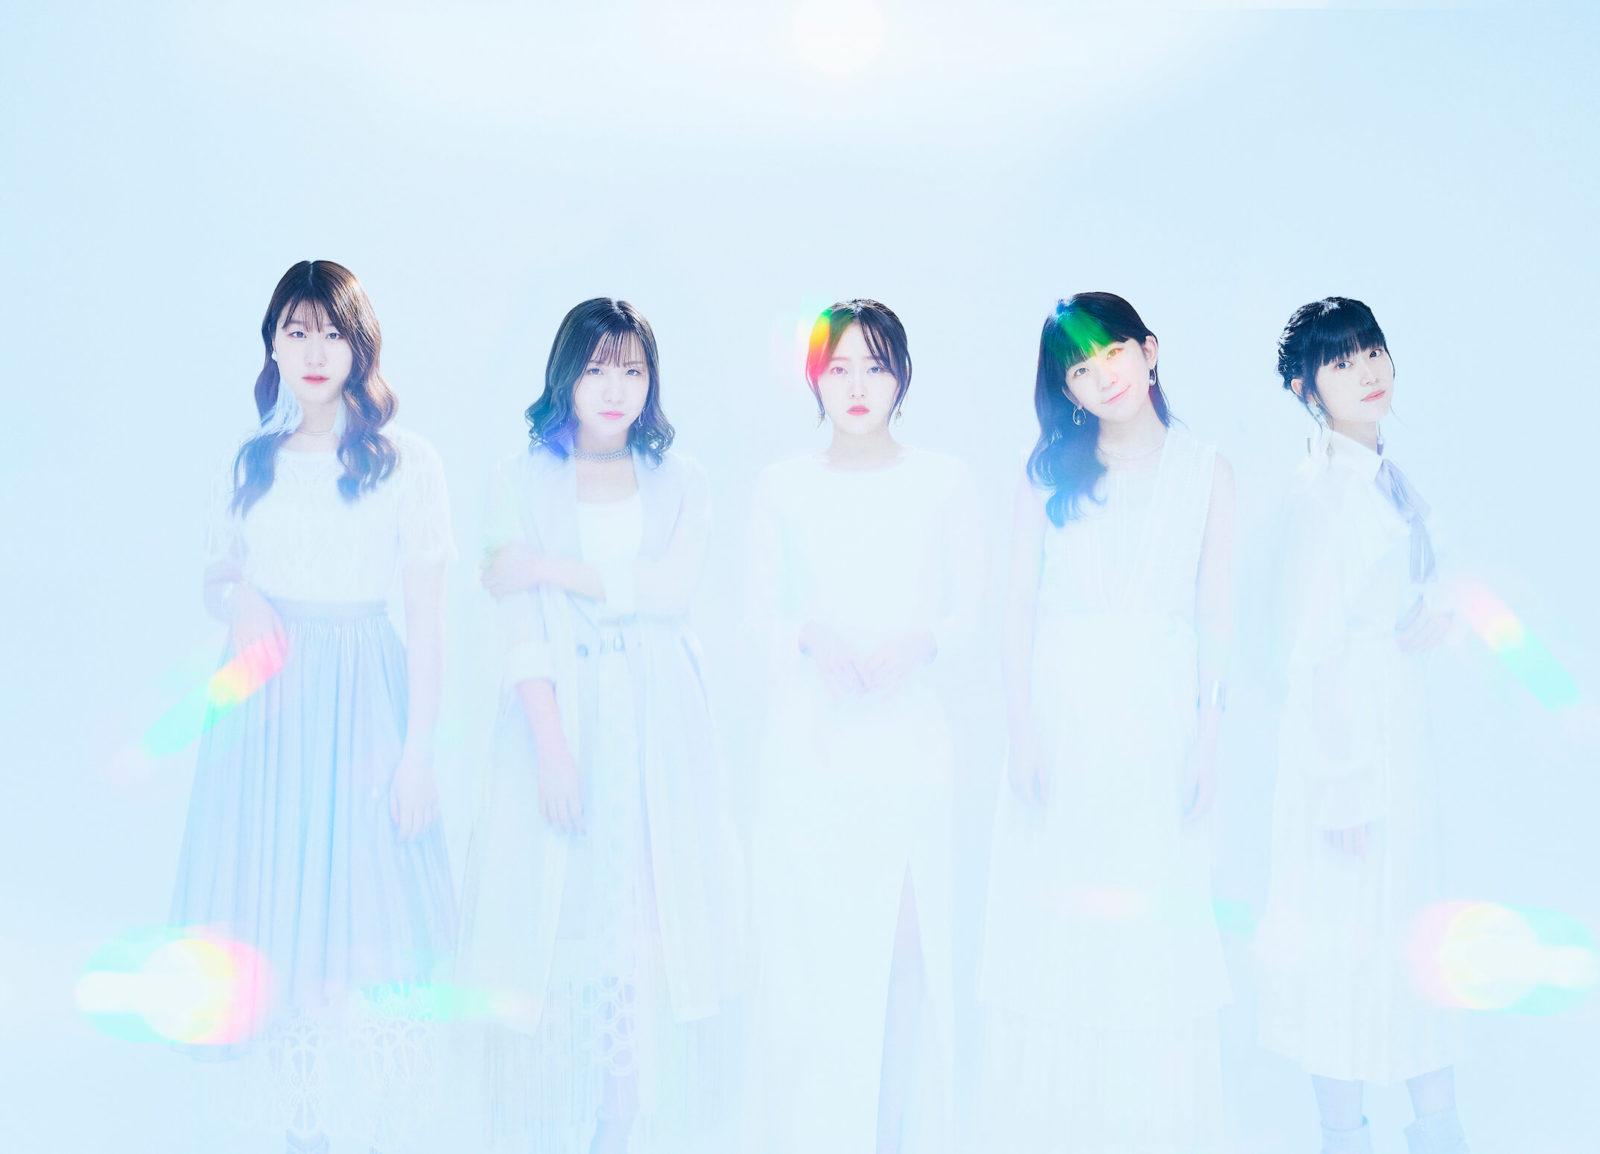 リトグリの新曲「STARTING OVER」が、ドラマ「女子高生の無駄づかい」主題歌に決定サムネイル画像!